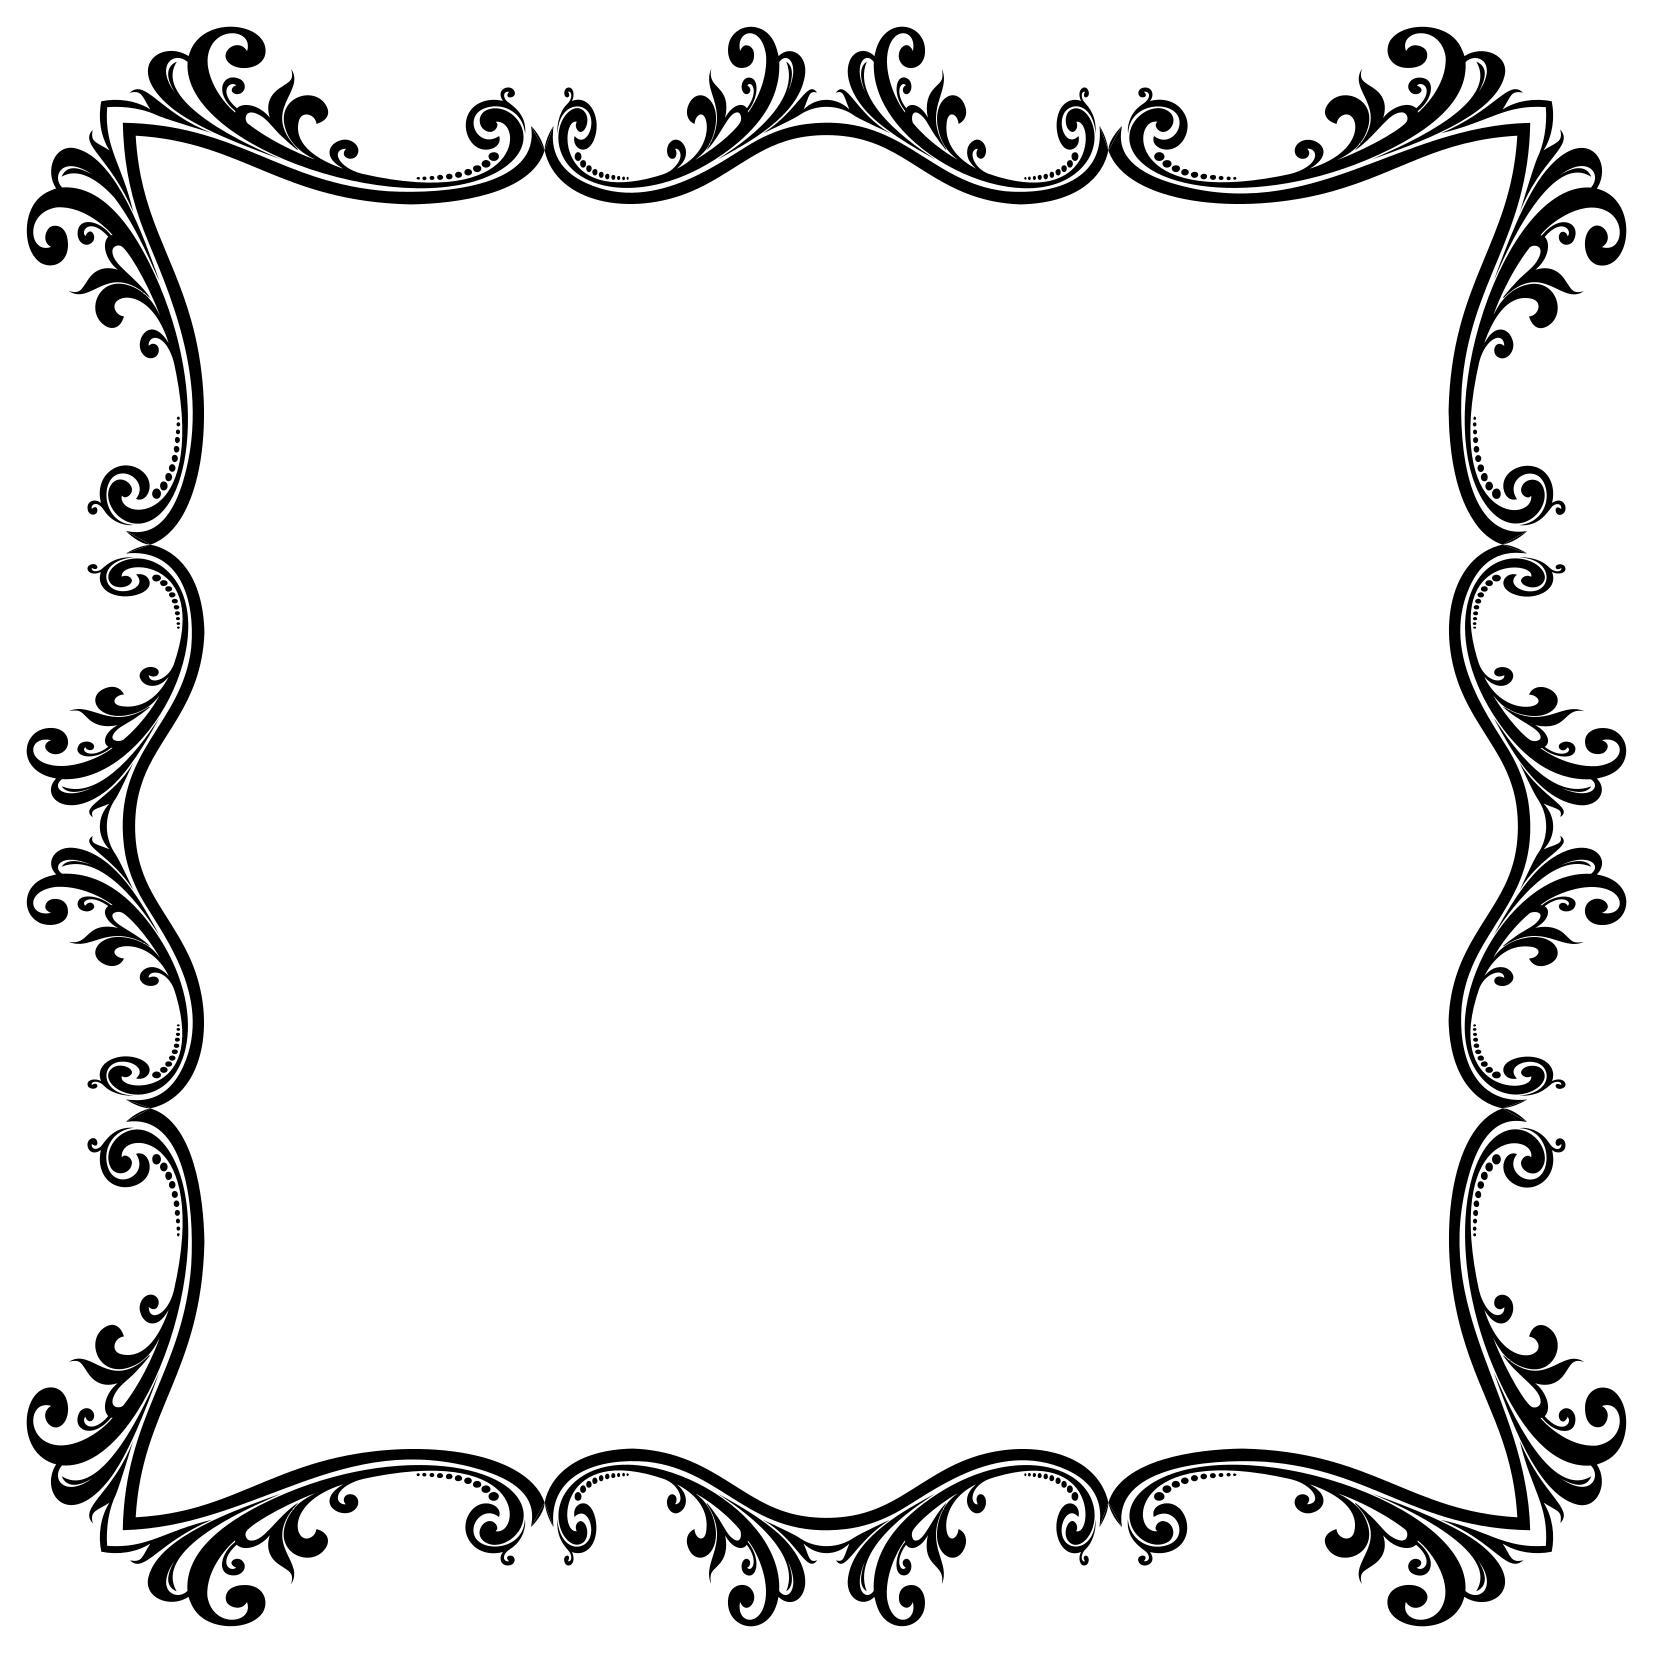 Button clipart ornamental. Decorative flourish frame aggrandized